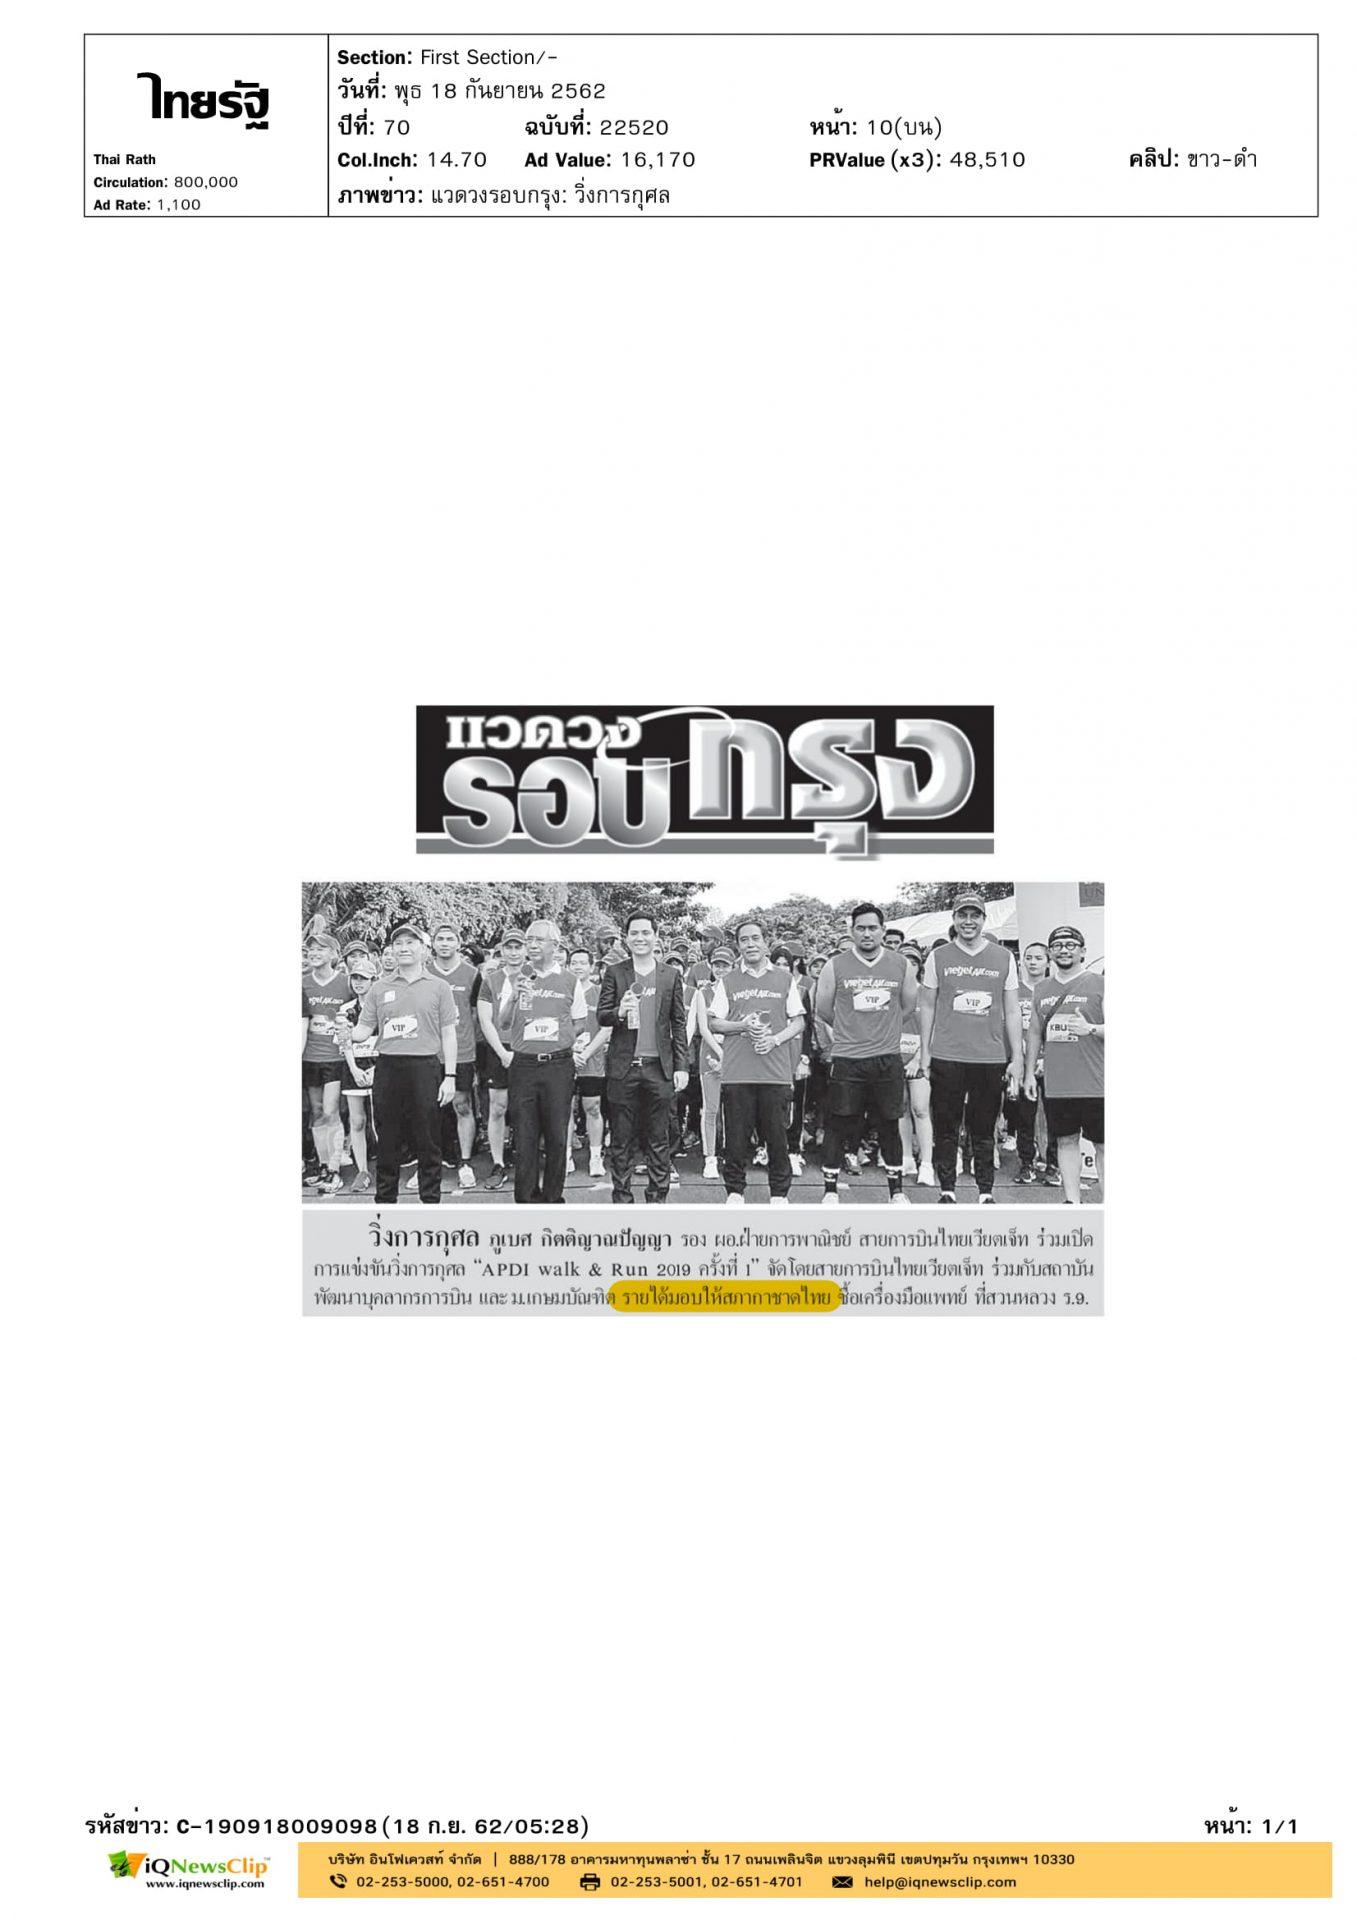 กิจกรรมวิ่งการกุศล วิ่งการกุศลให้สภากาชาดไทย